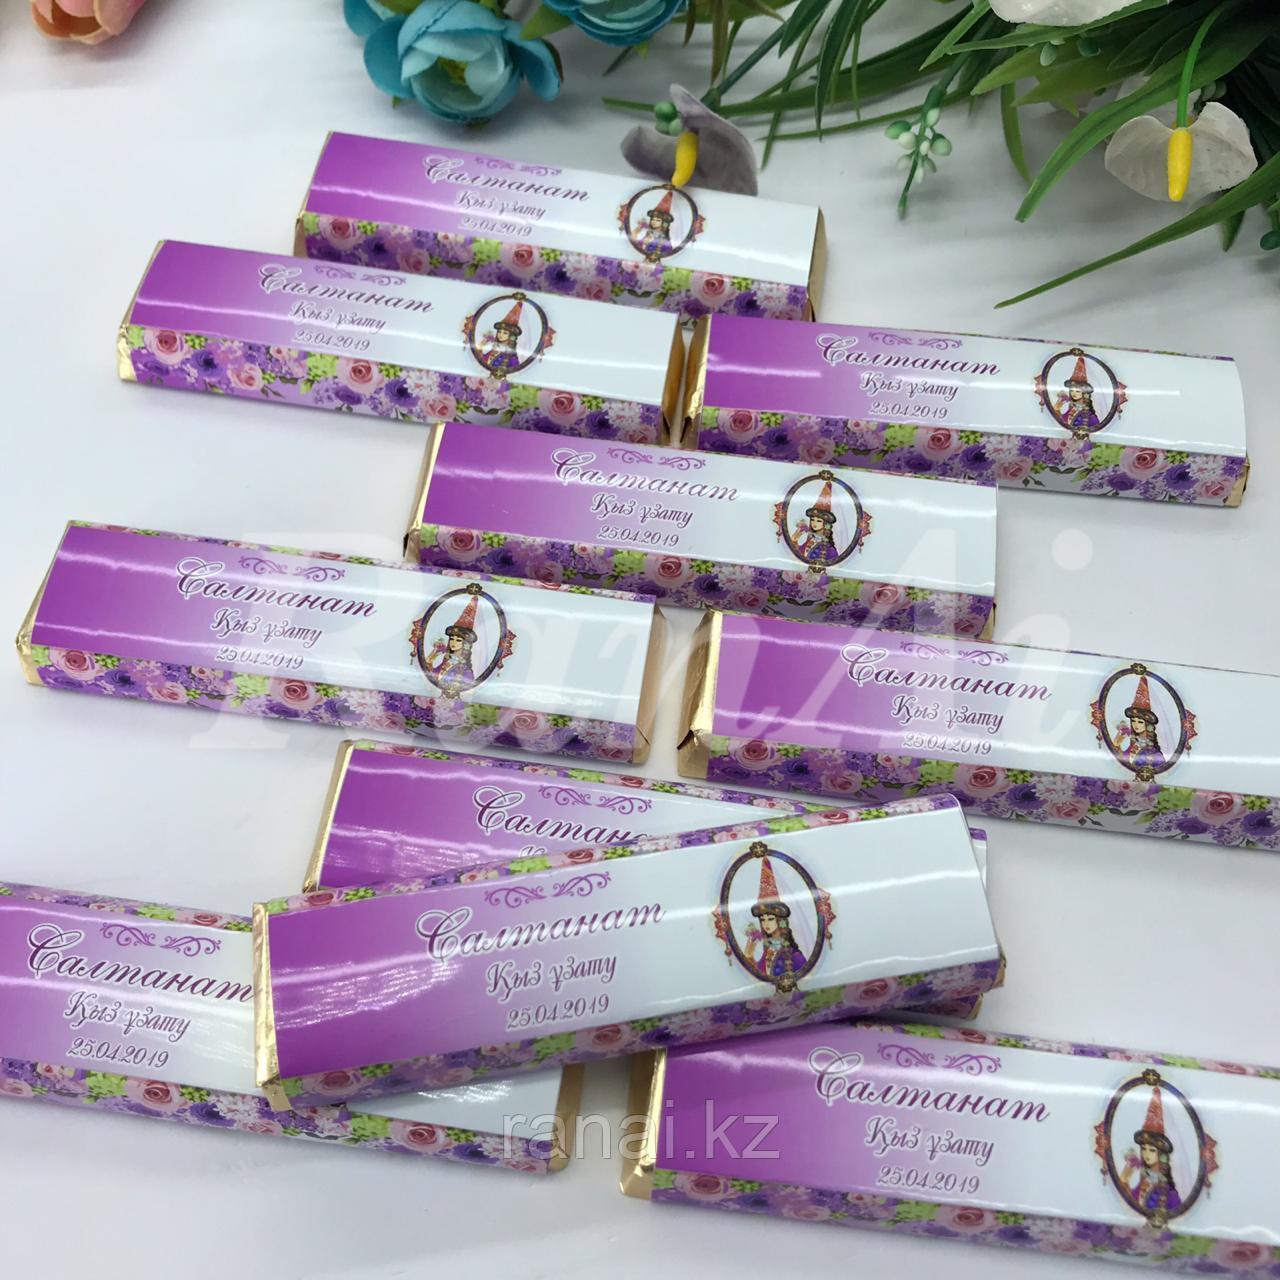 Обертки для шоколада  на Кыз Узату и Свадьбу